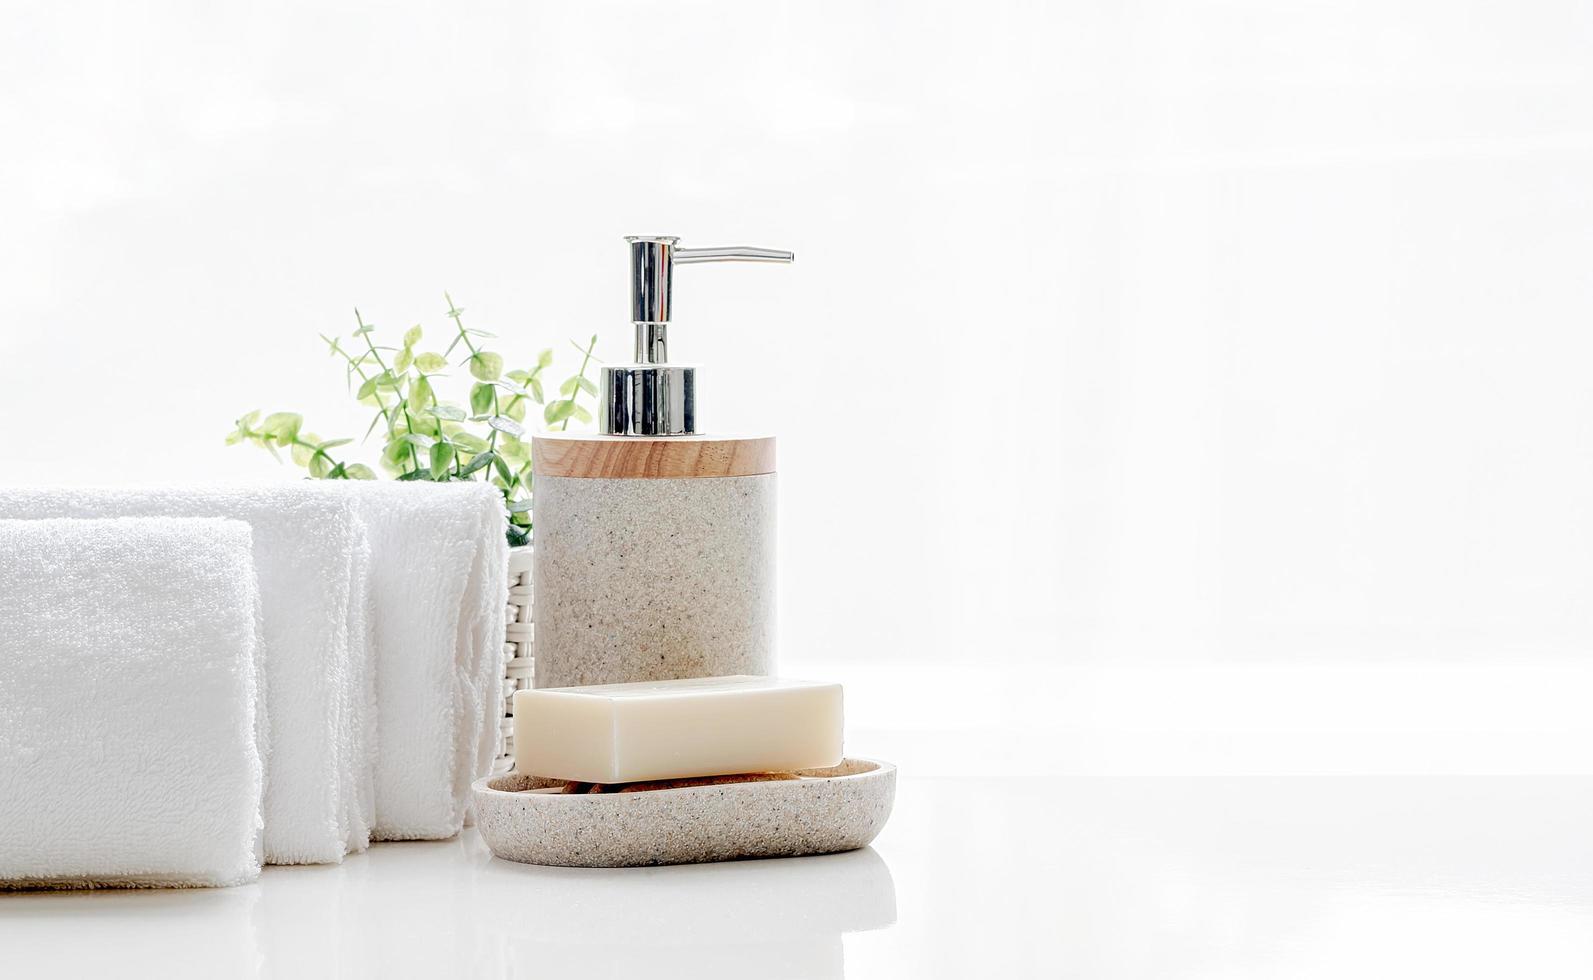 pulire asciugamani di spugna morbidi con sapone sul tavolo bianco foto